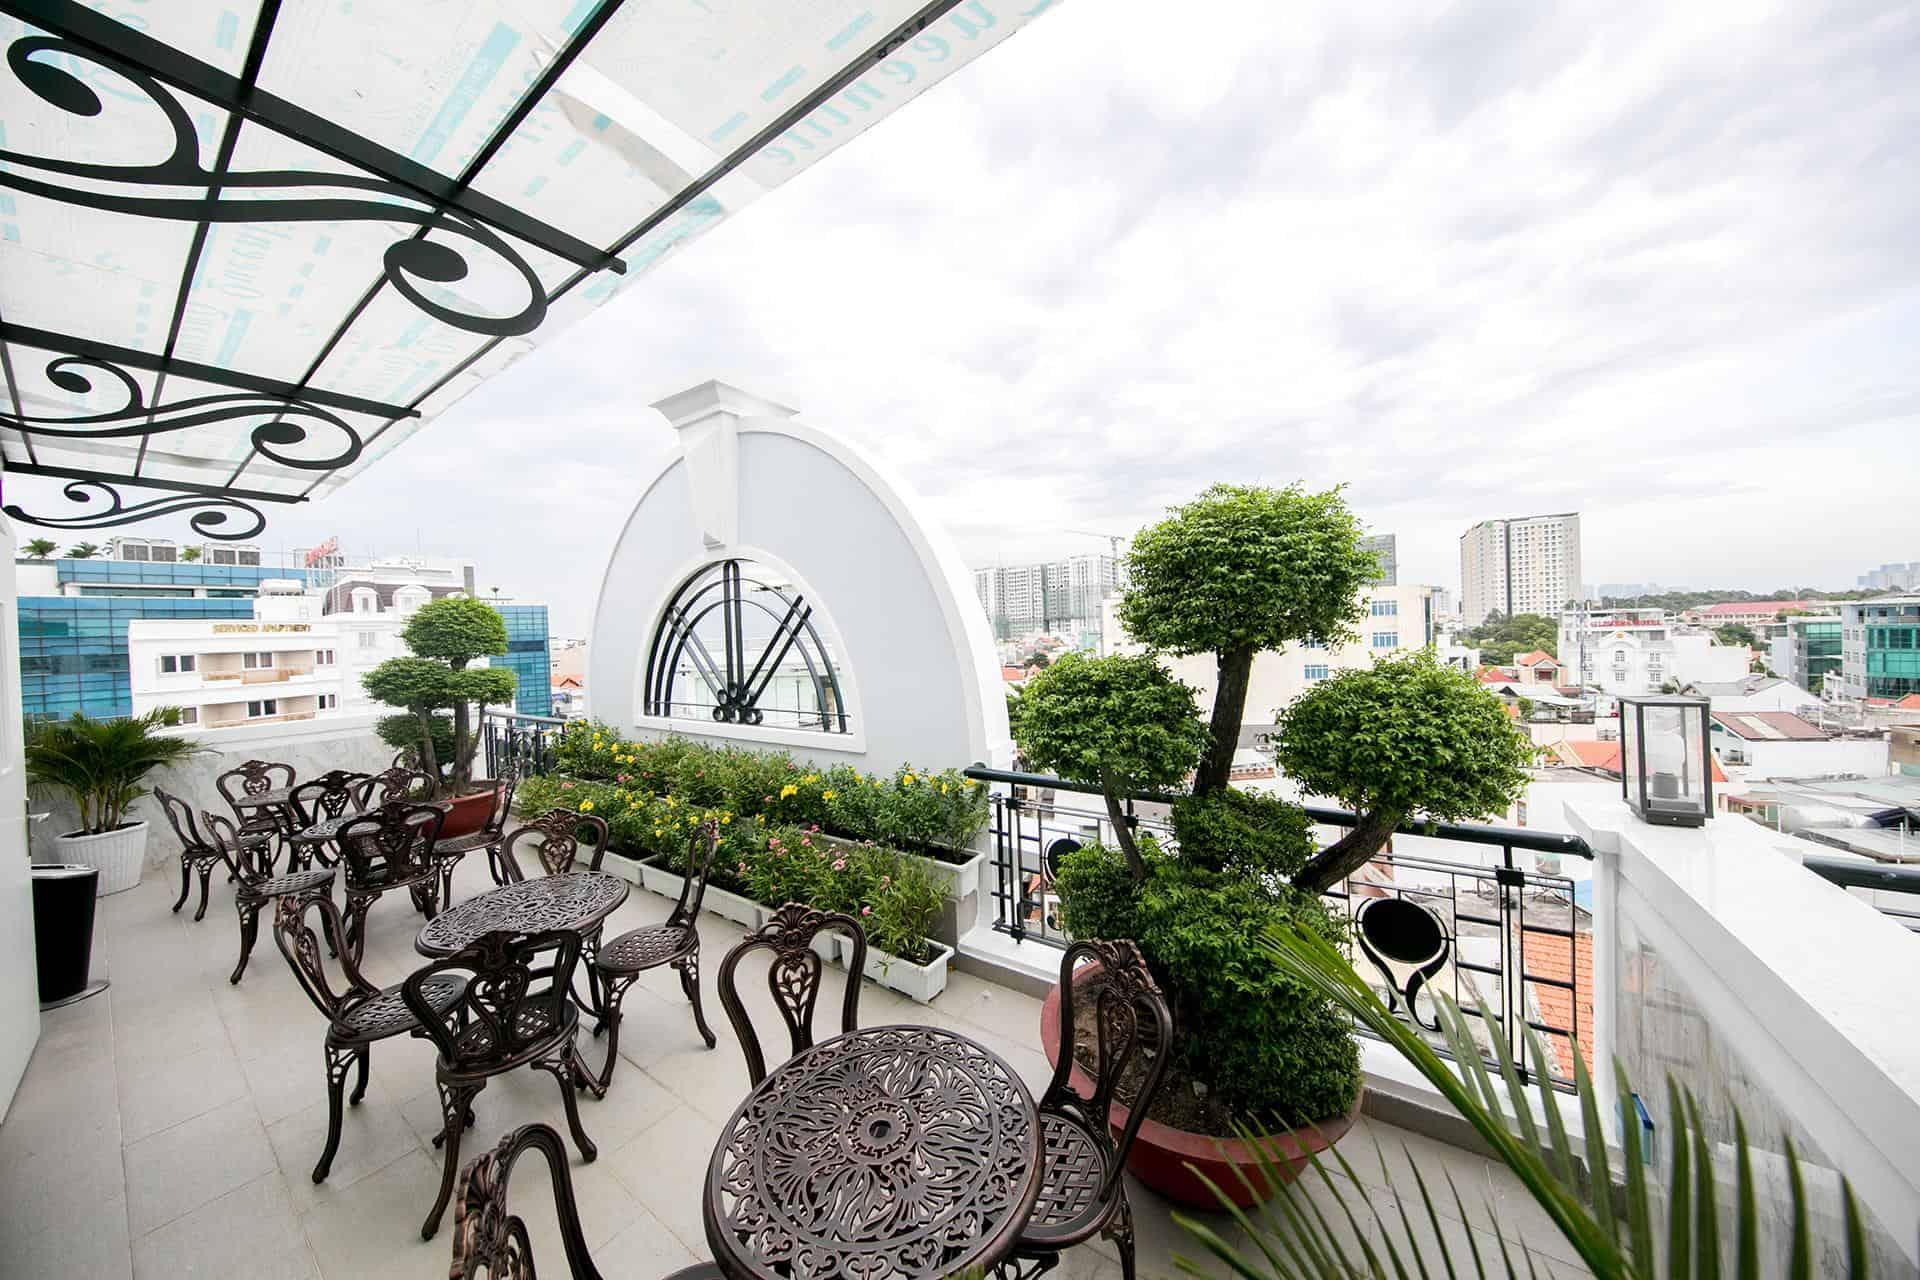 Chán check in khu vực bên trong thì hãy ra ban công lấy chút view Sài Gòn nào!